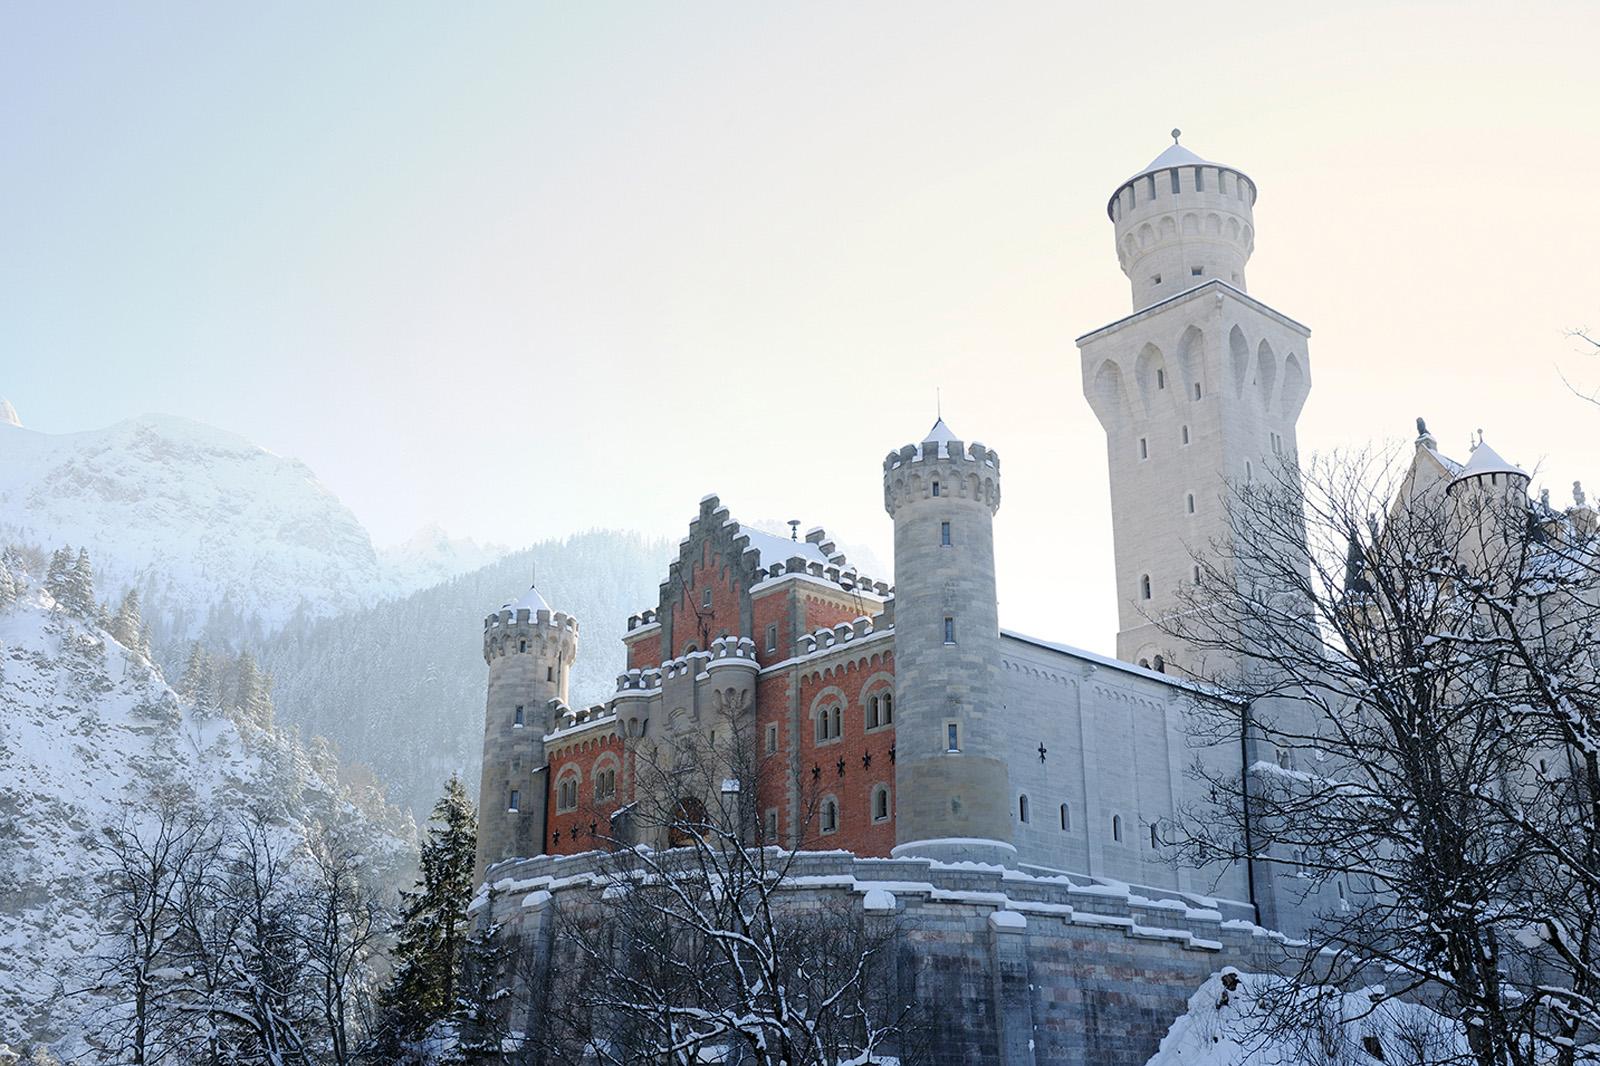 Füssen in the Allgäu